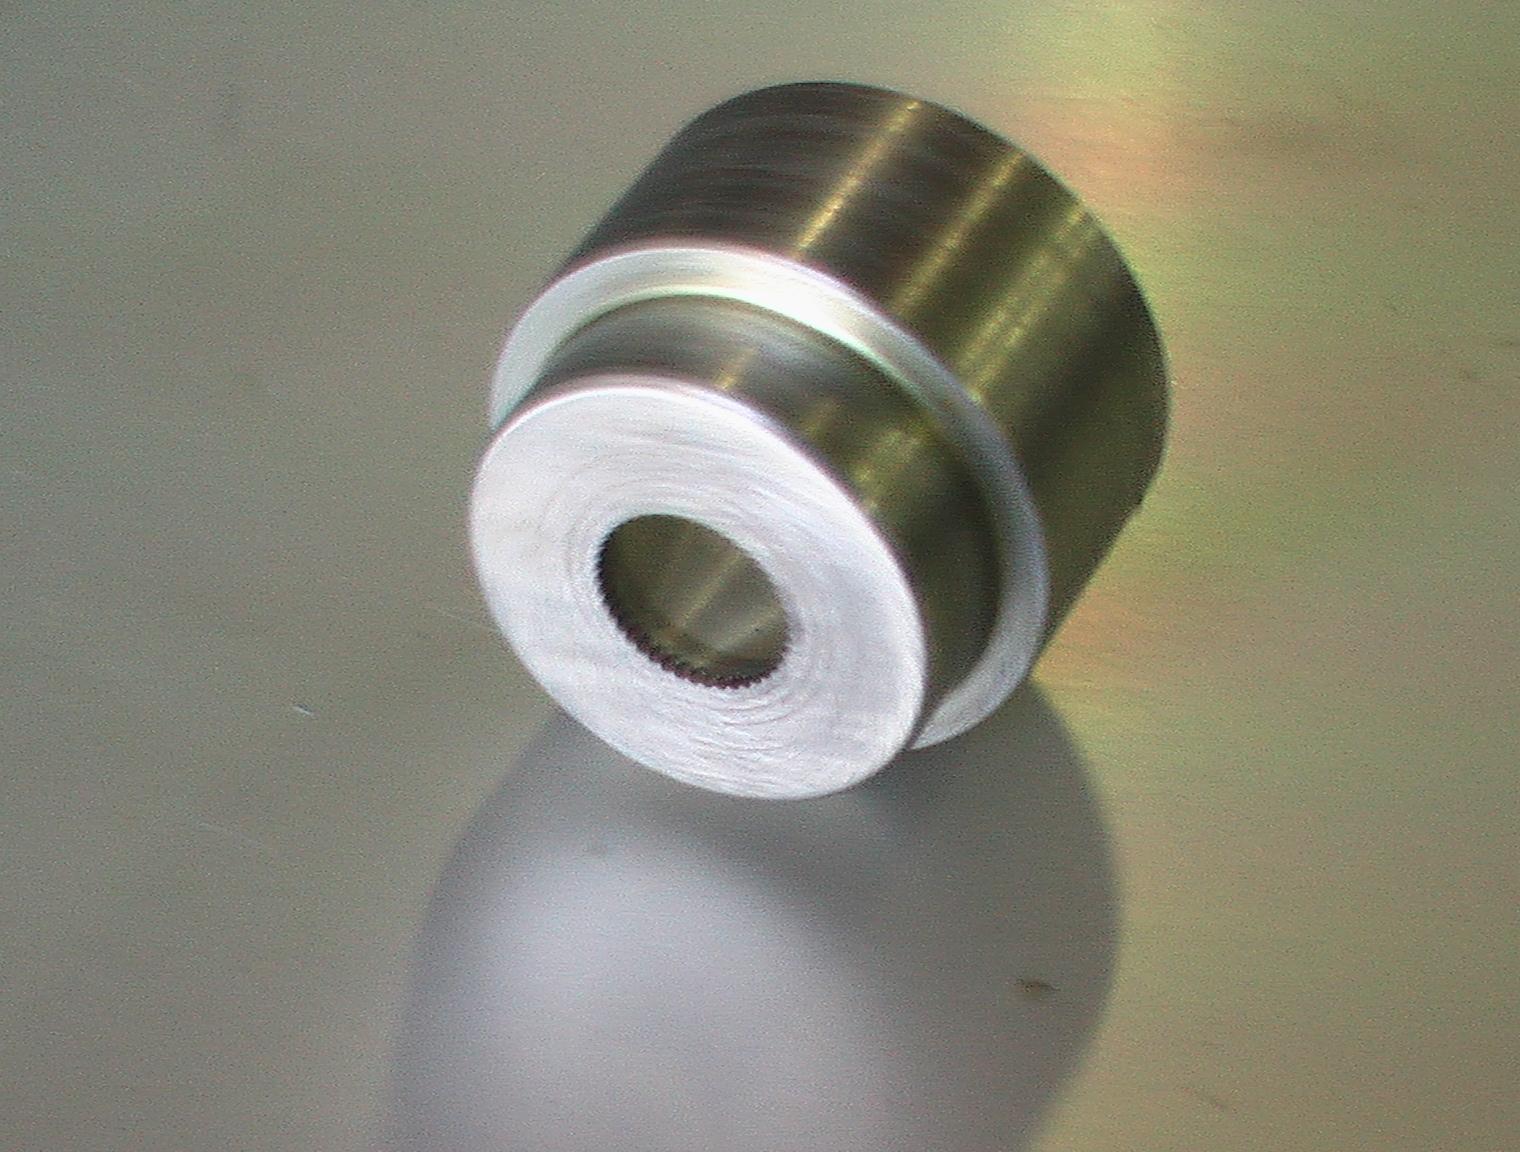 matrice estrusione tubo lavatrice